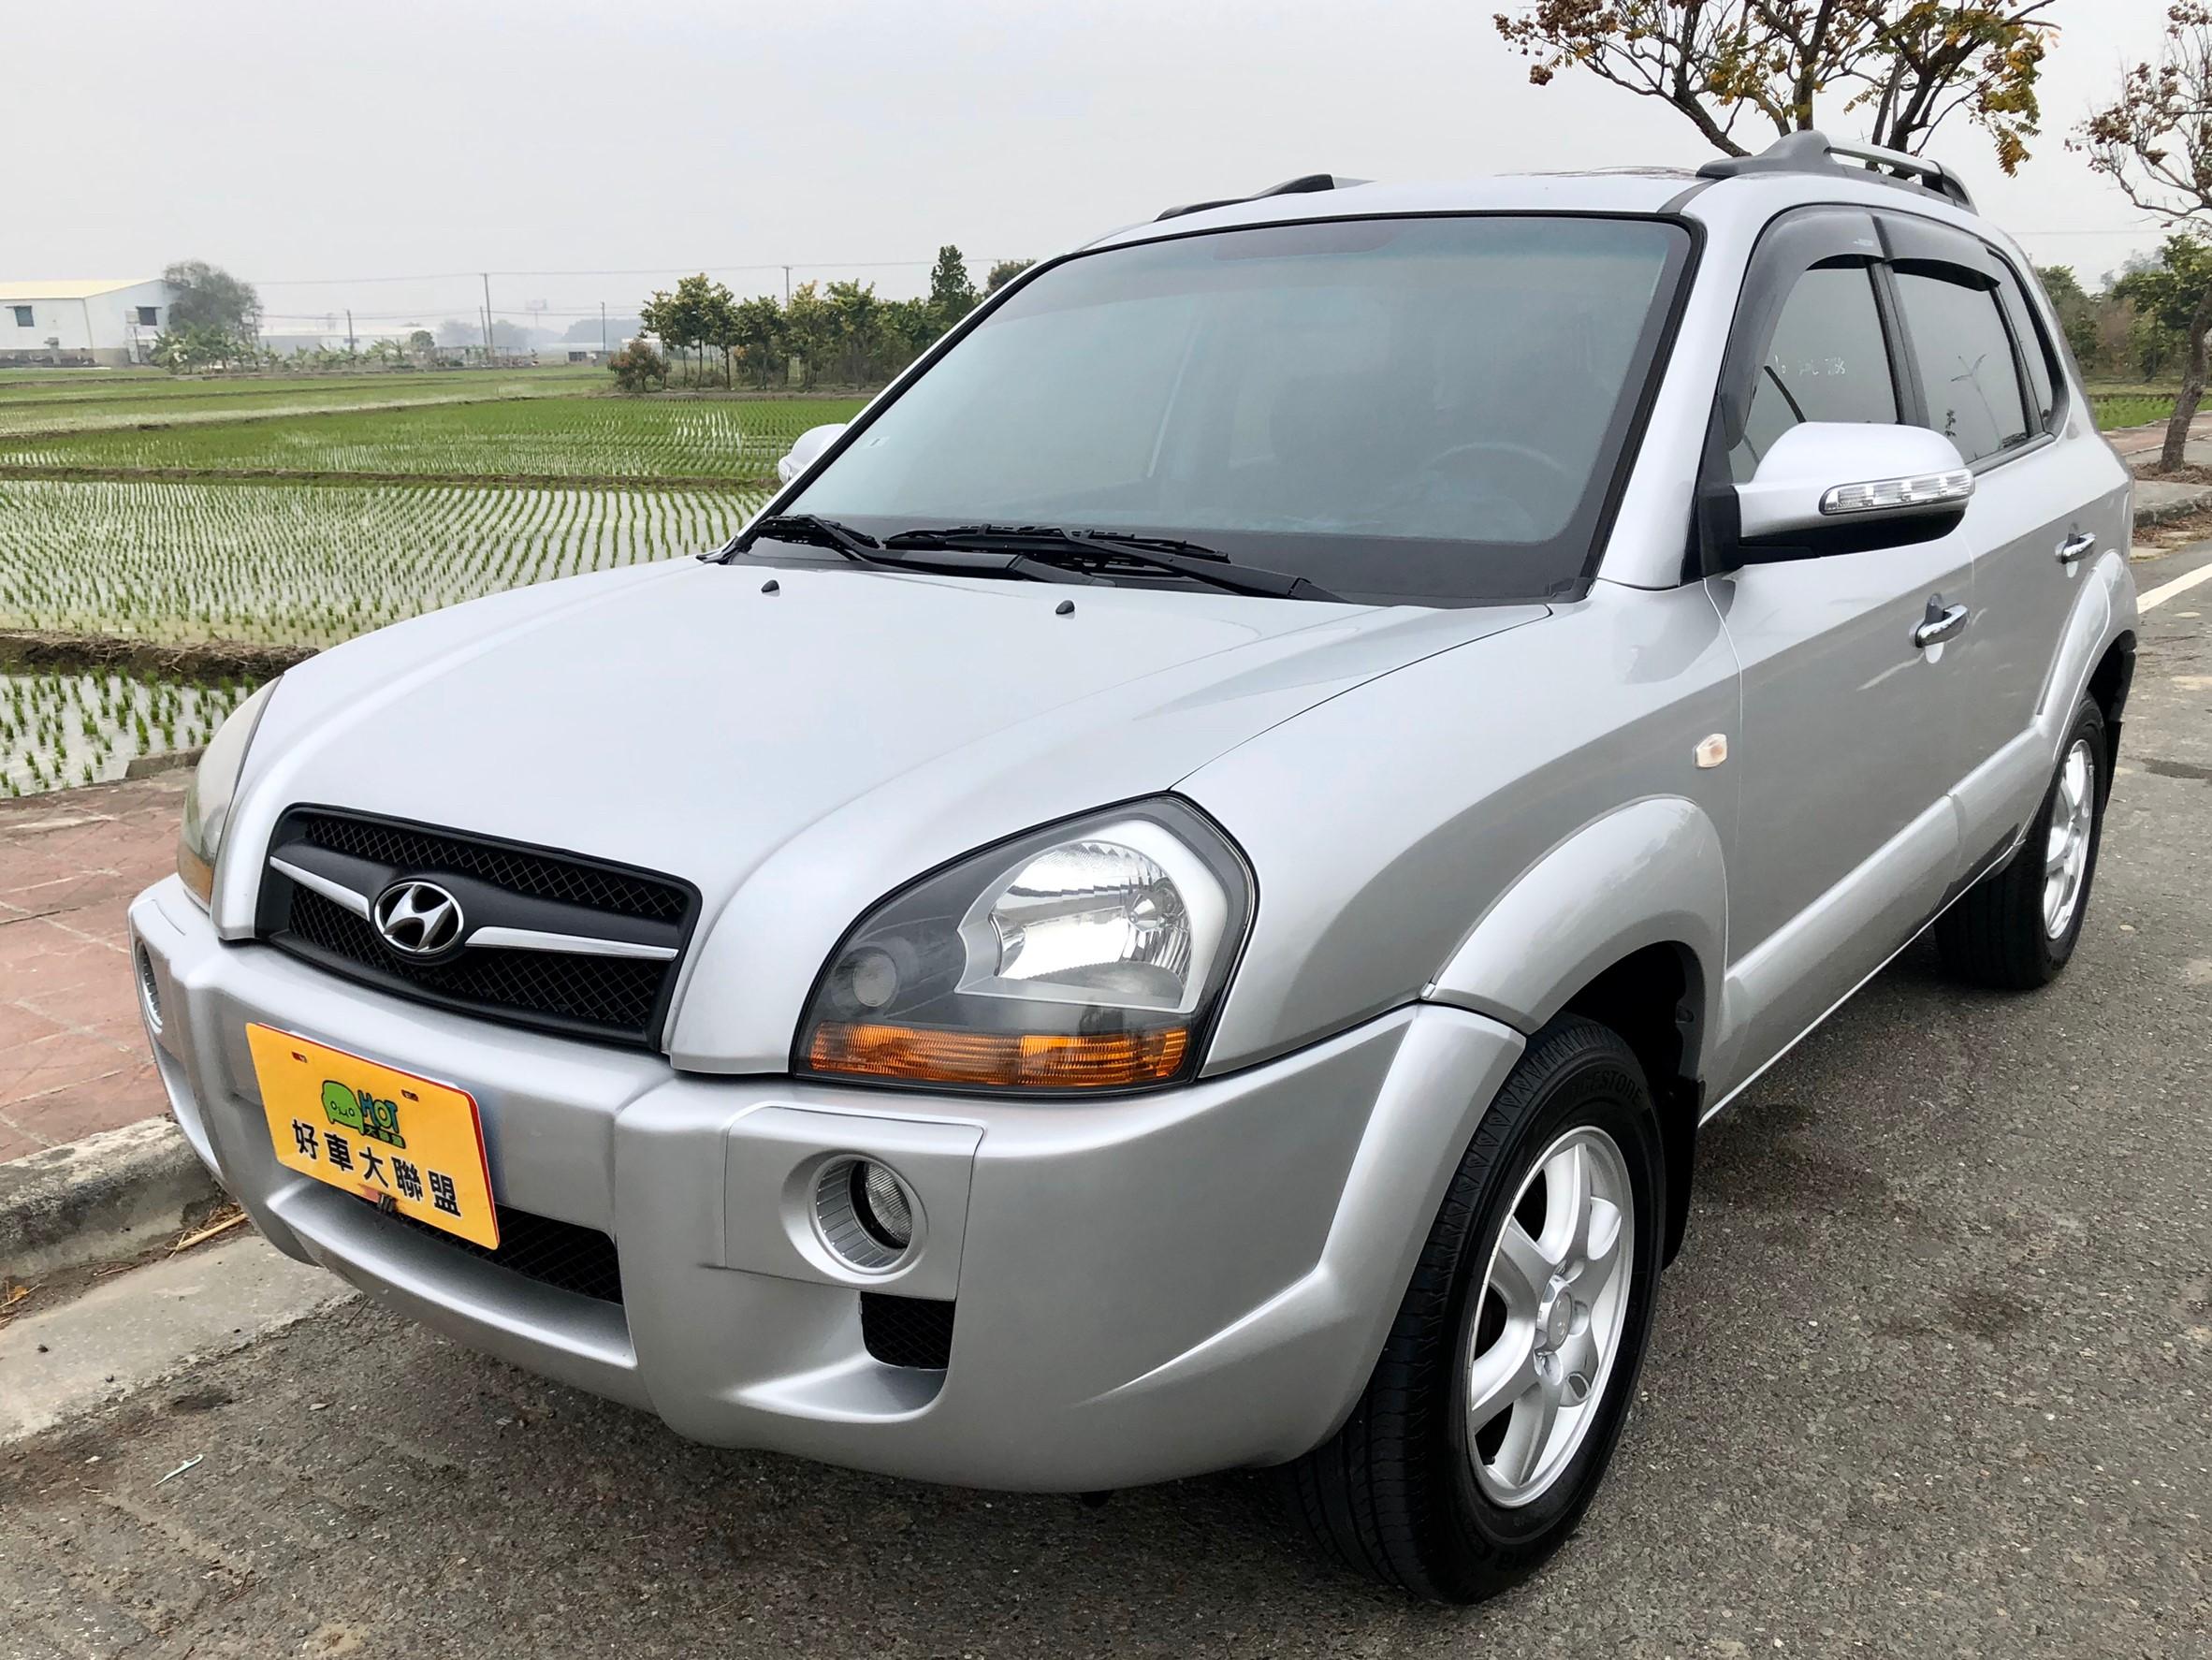 2010 Hyundai 現代 Tucson